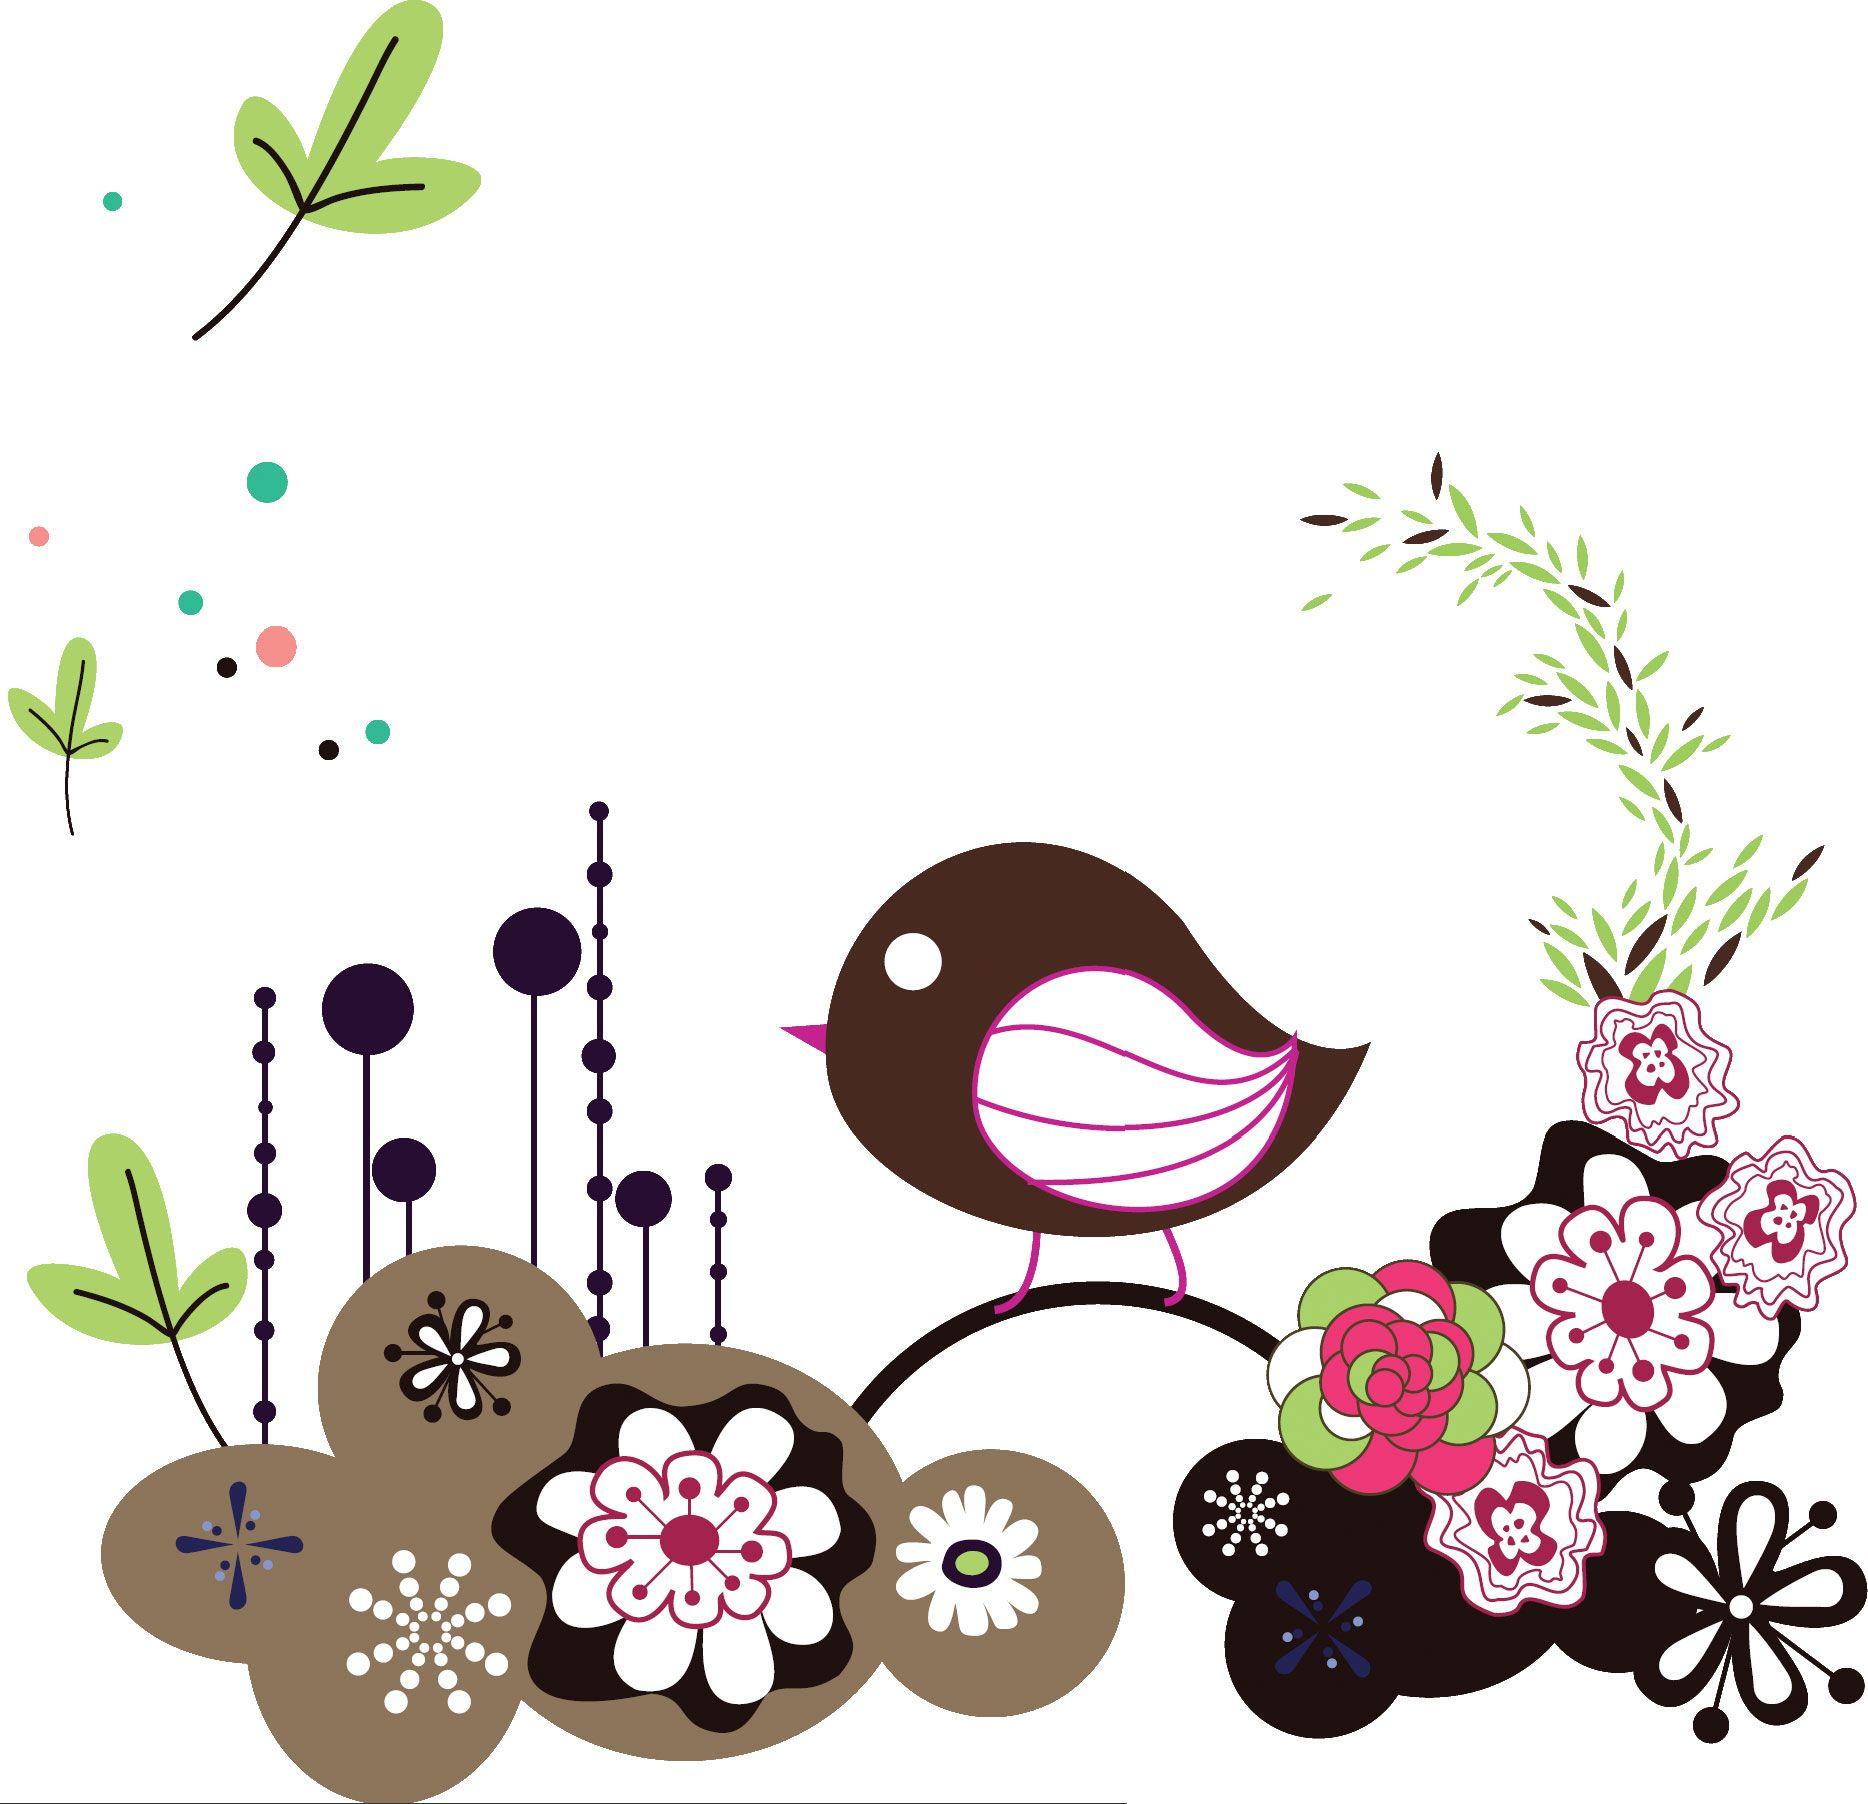 小鳥のイラスト画像【かわいい  | イラスト | pinterest | イラスト